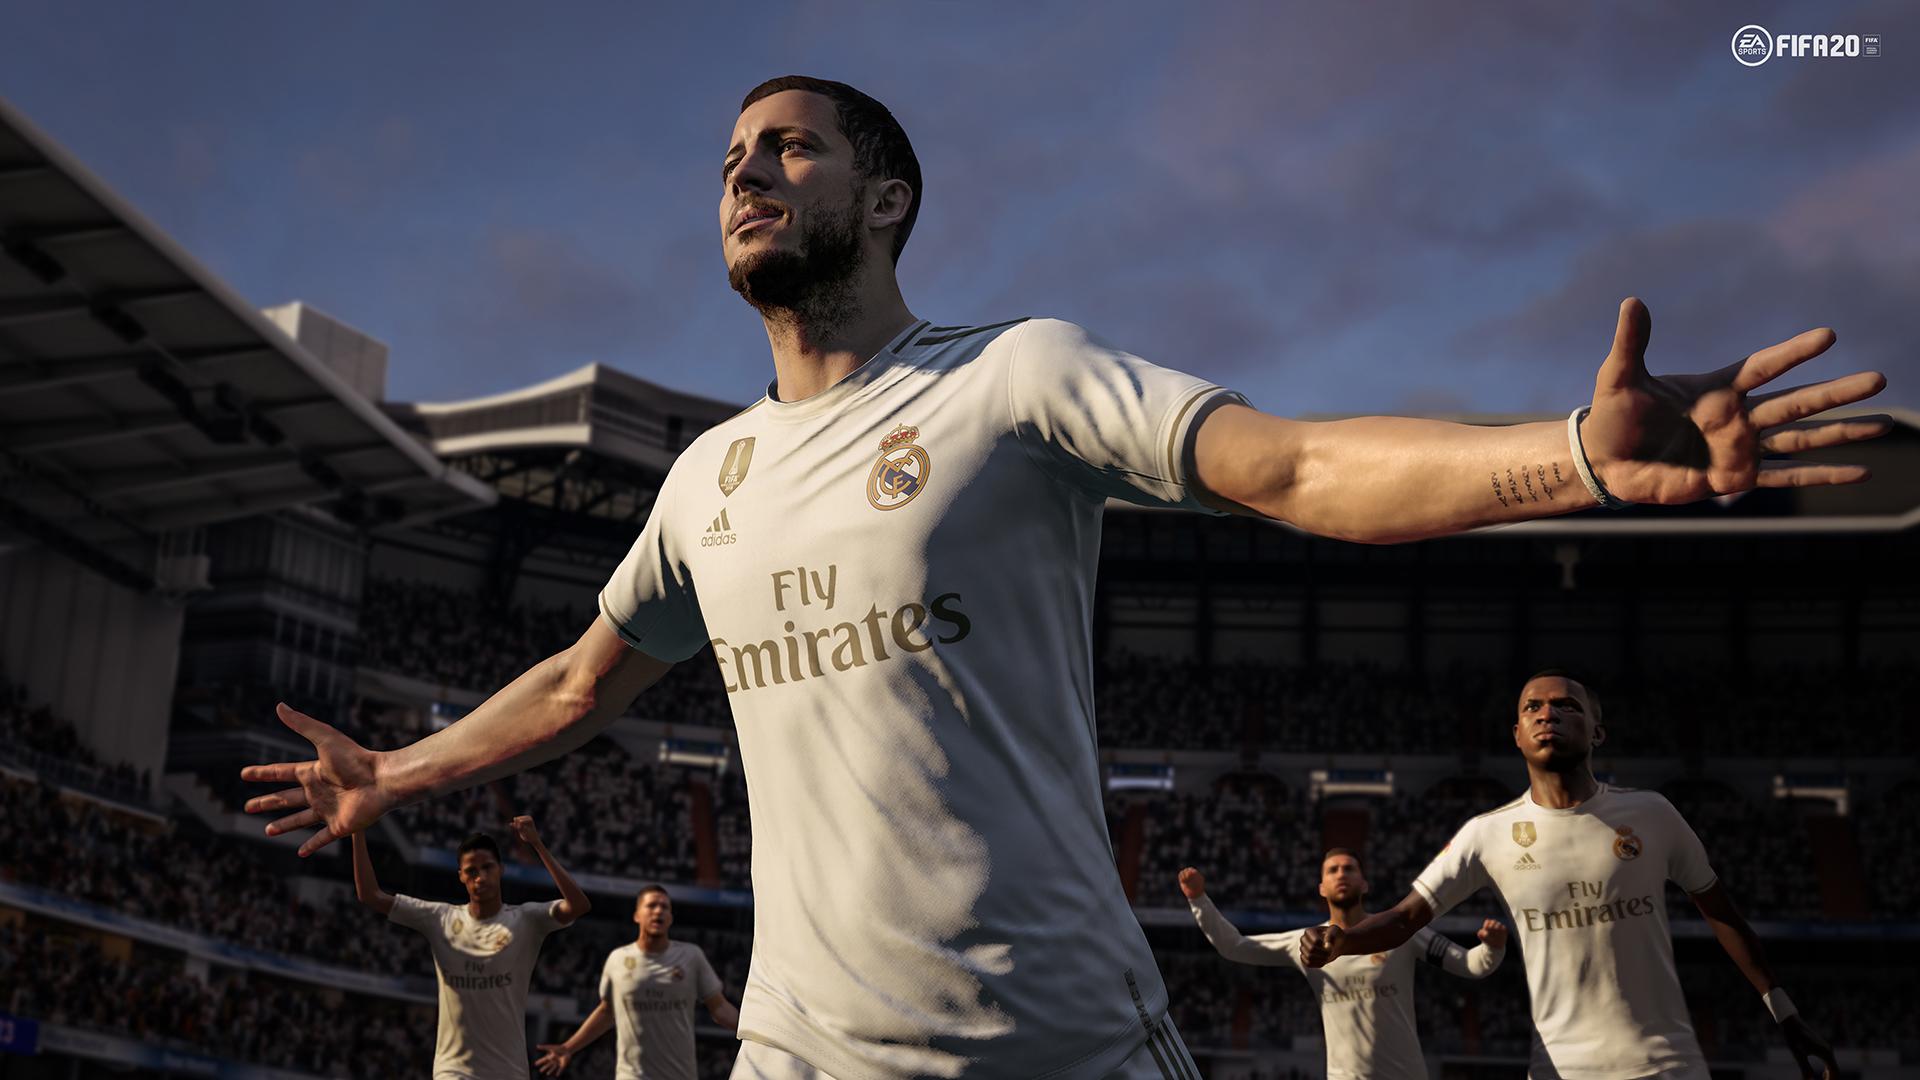 FIFA 20 - Officiel : les notes des joueurs du Real Madrid